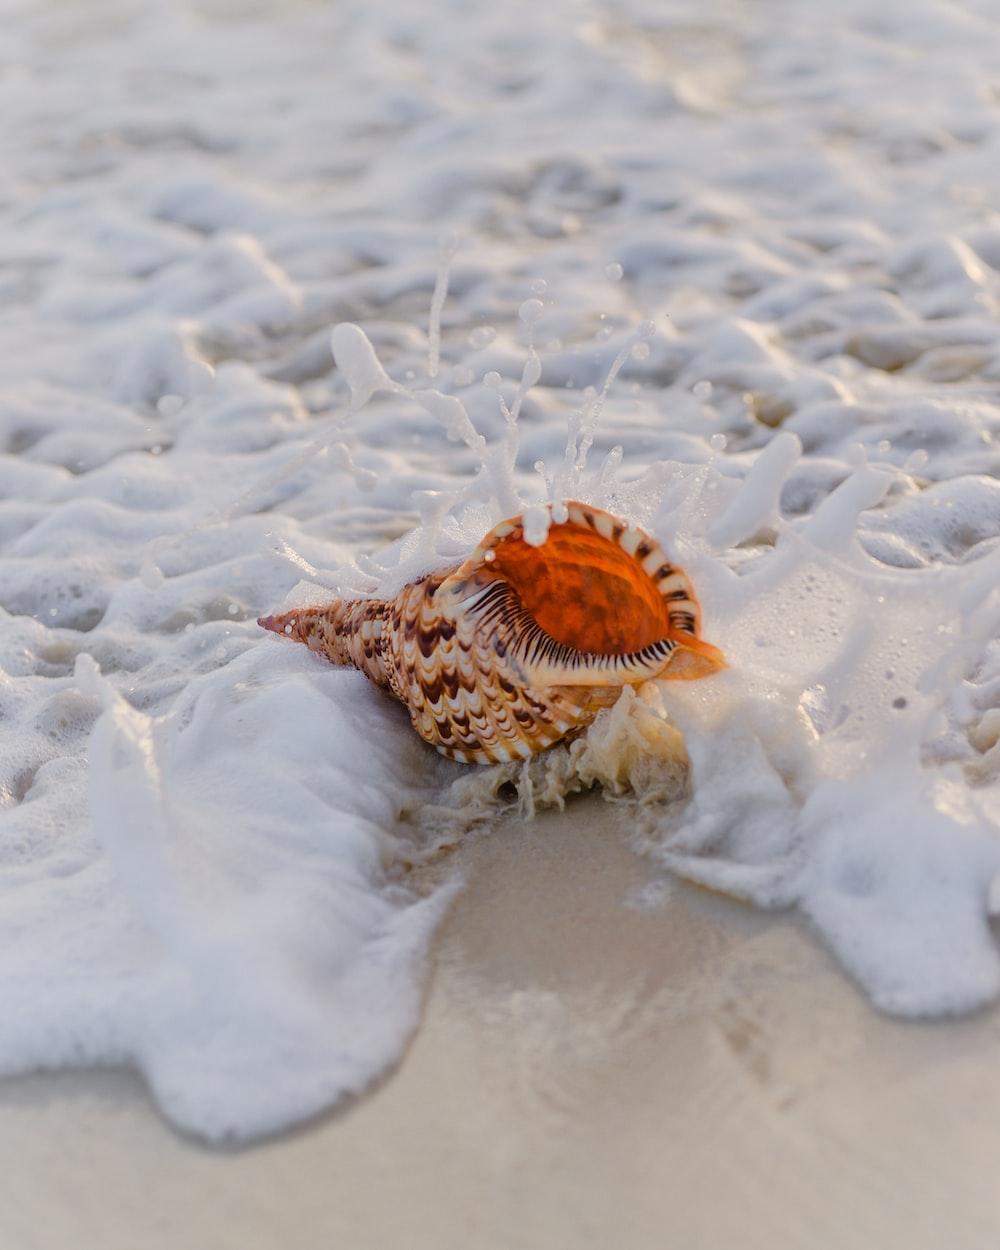 brown and black seashell